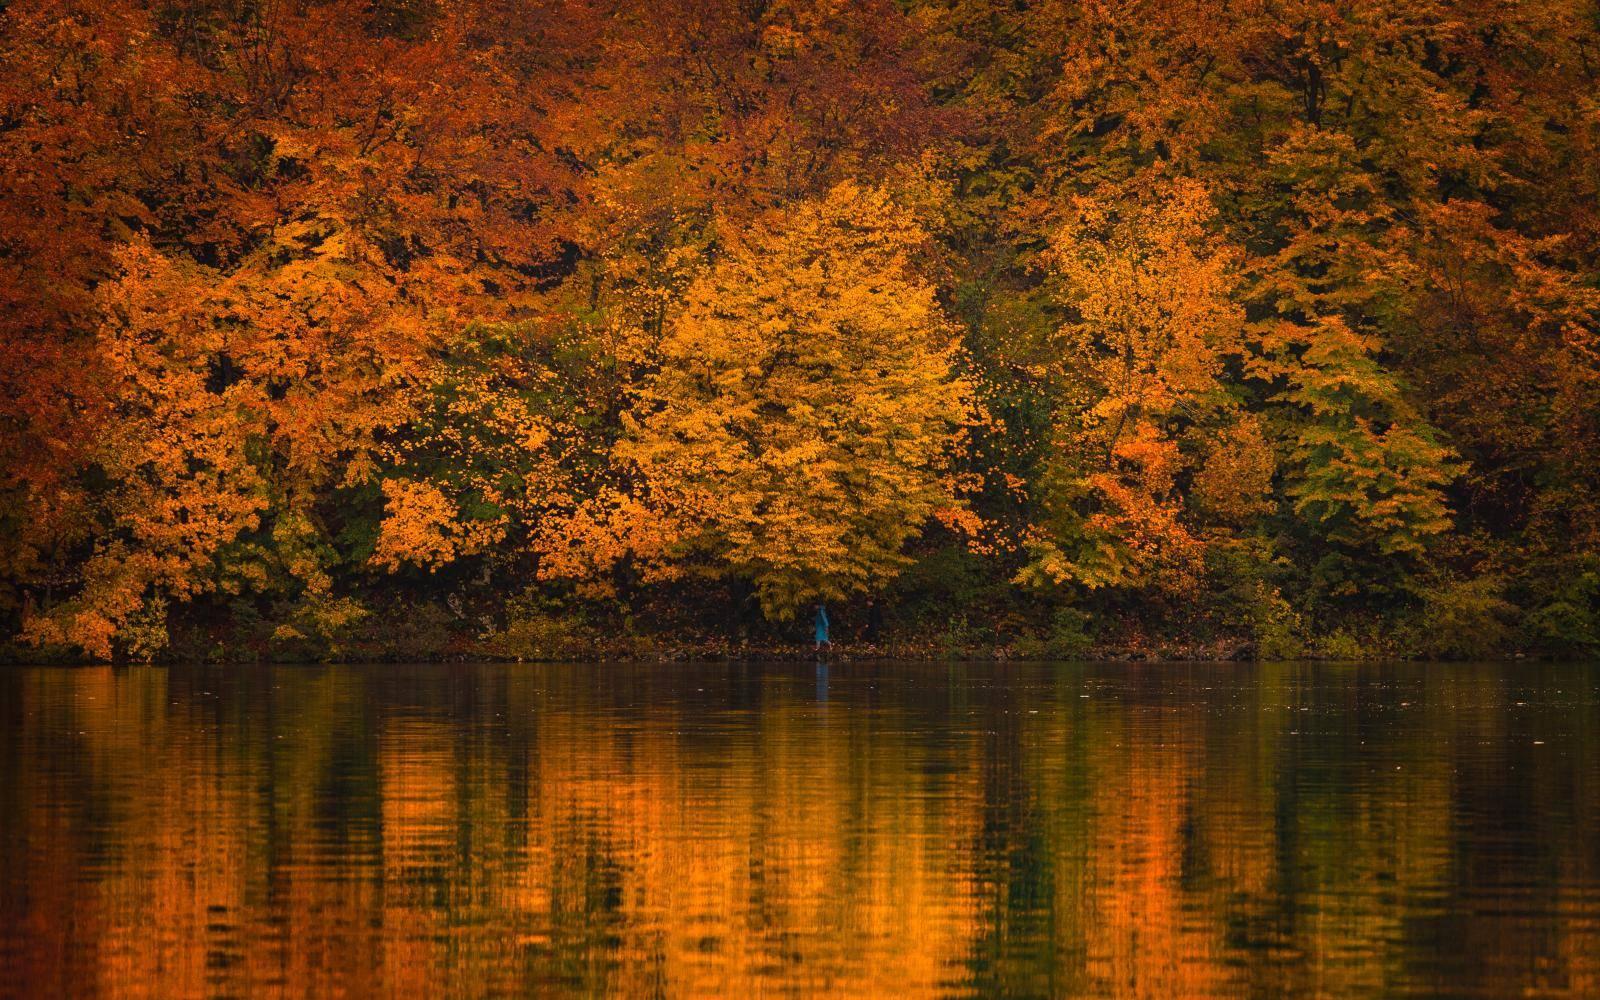 Zavalite se i uživajte: Čarobna jesen na Plitvičkim jezerima